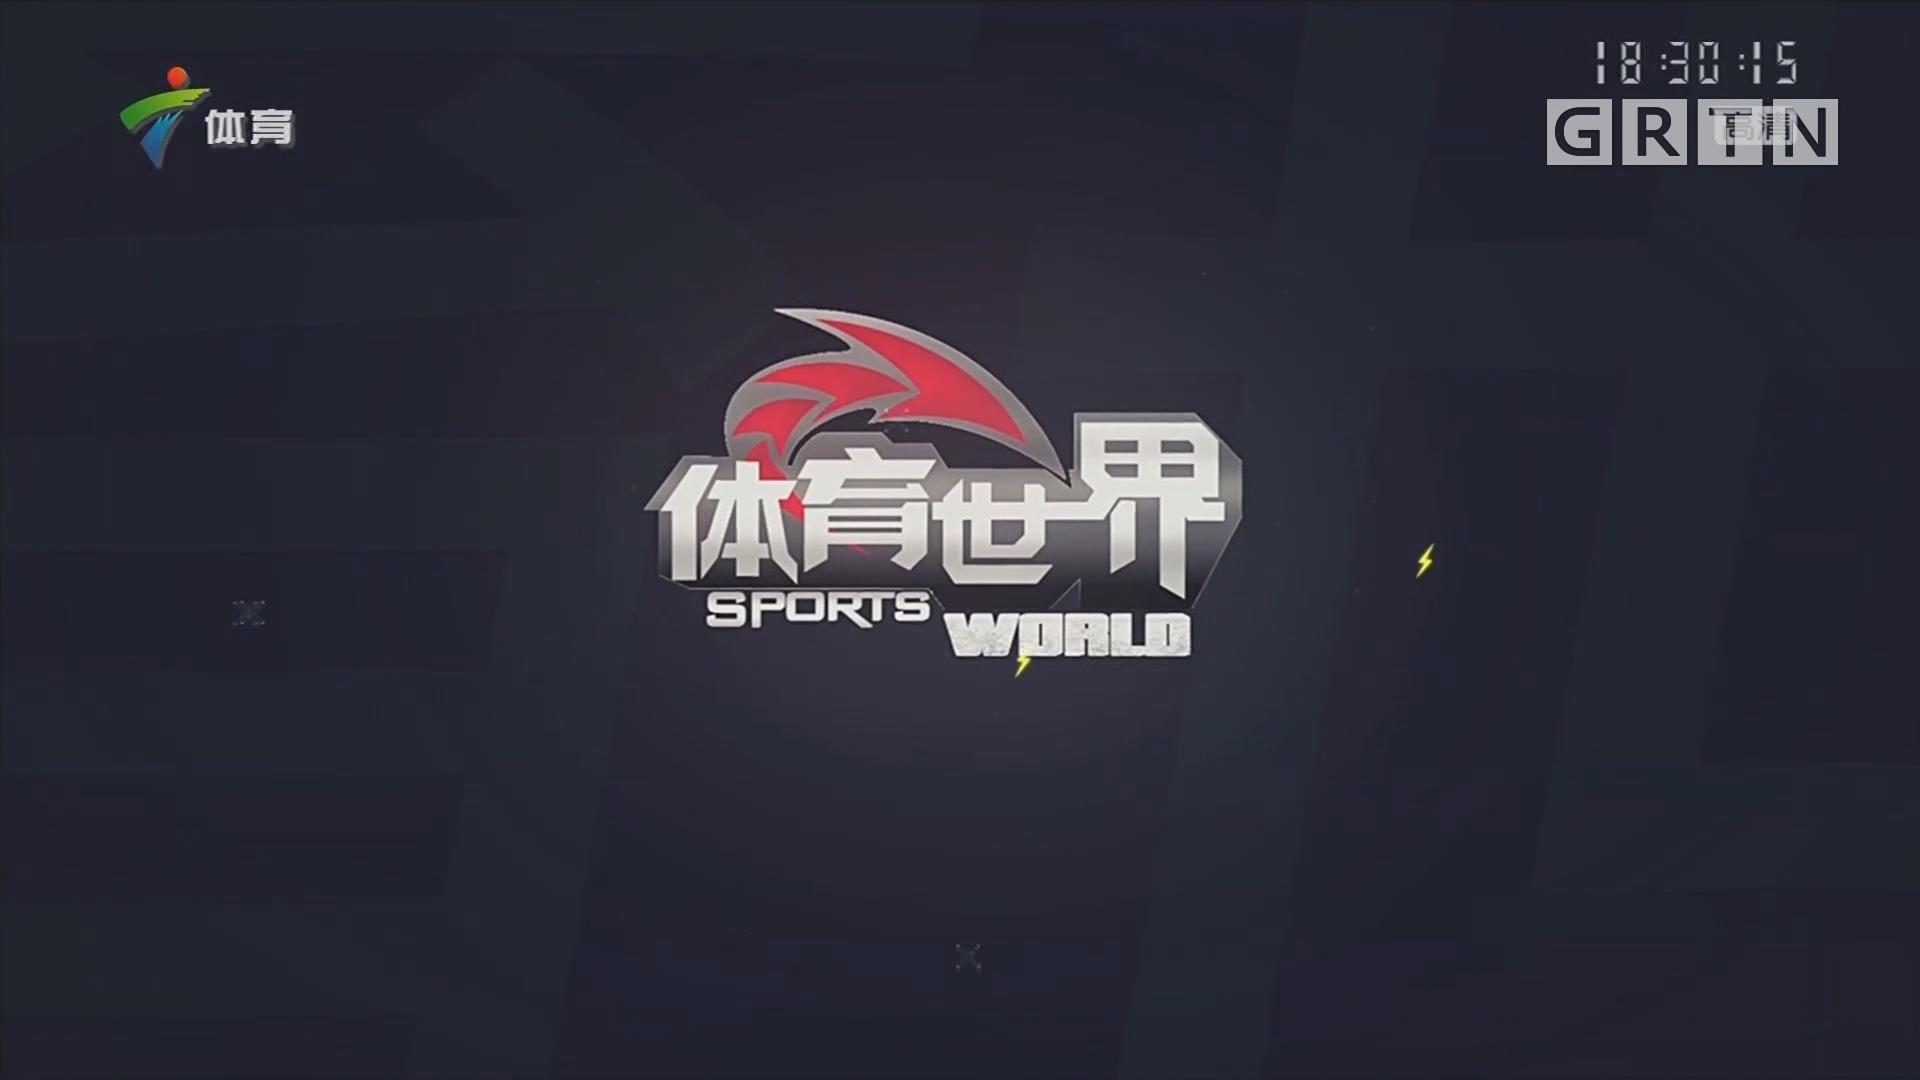 [HD][2019-04-12]体育世界:奥原希望击败内瓦尔晋级女单半决赛